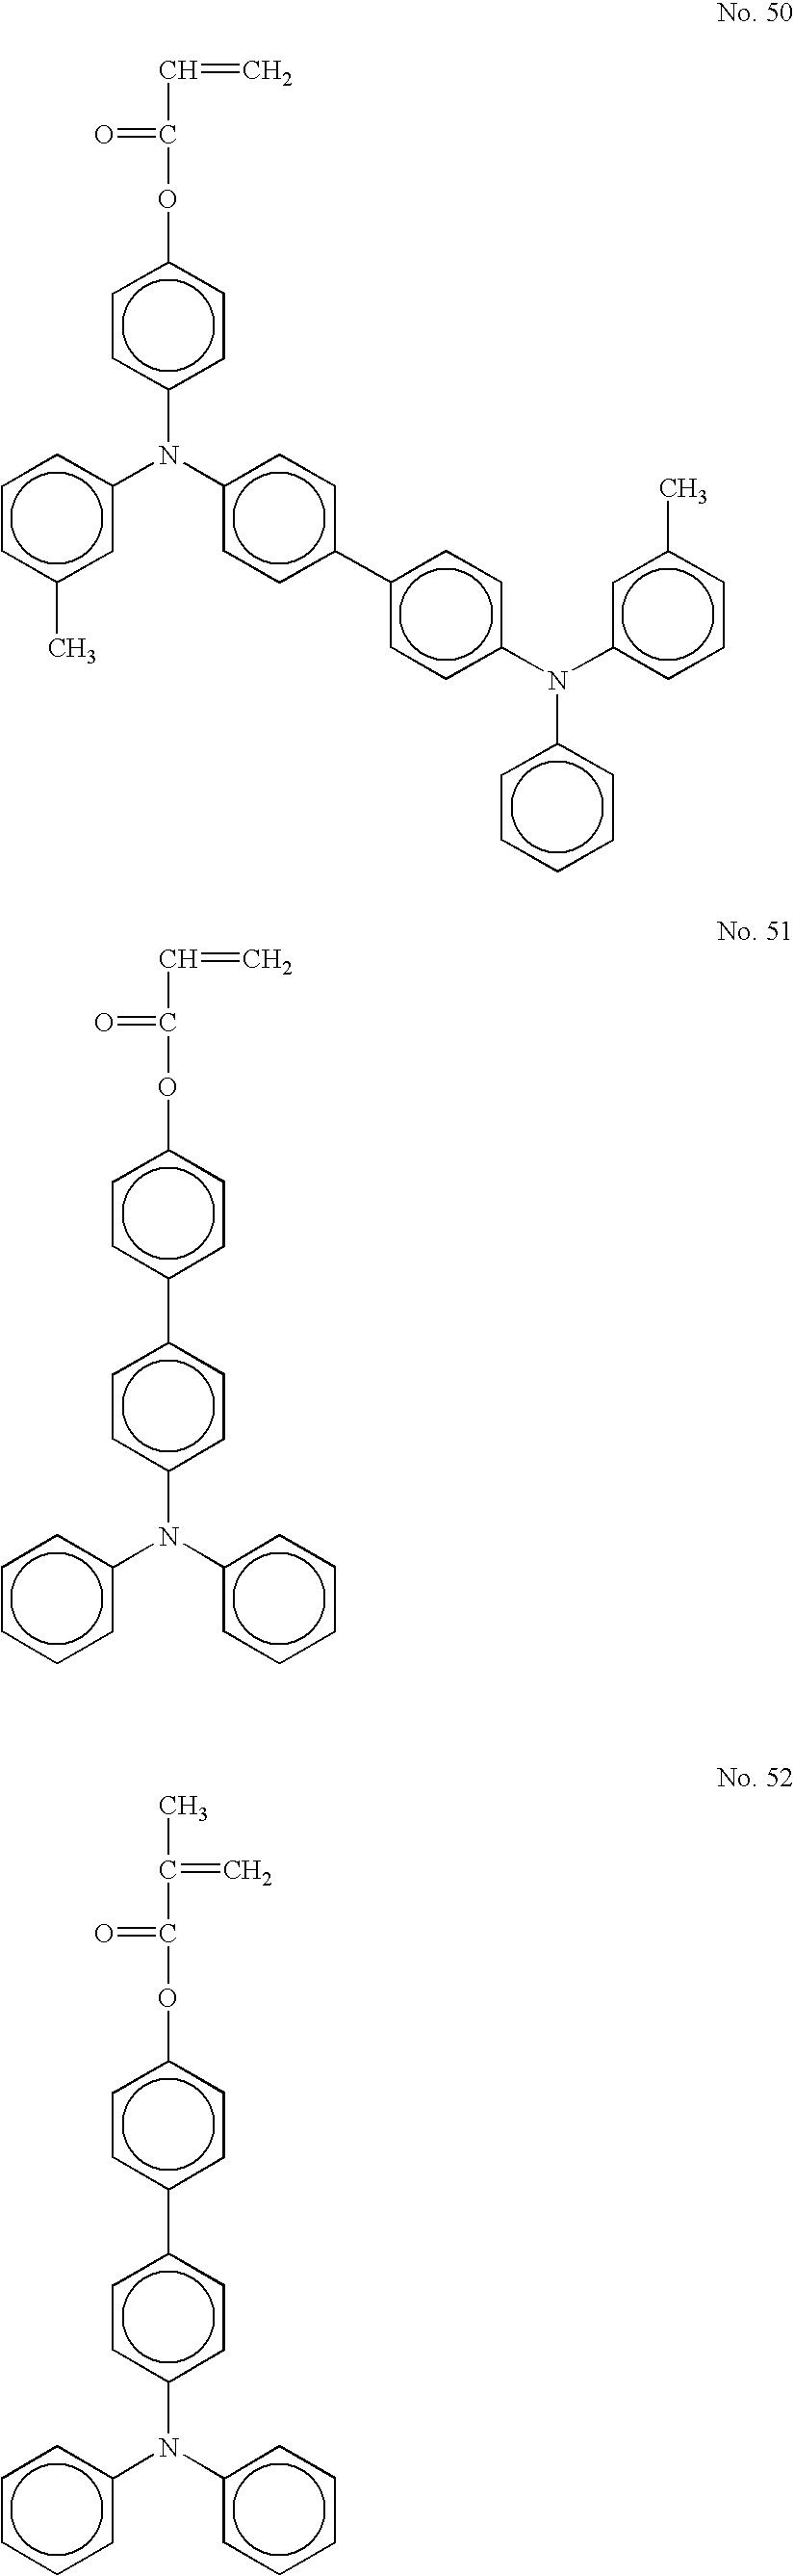 Figure US20050158641A1-20050721-C00030